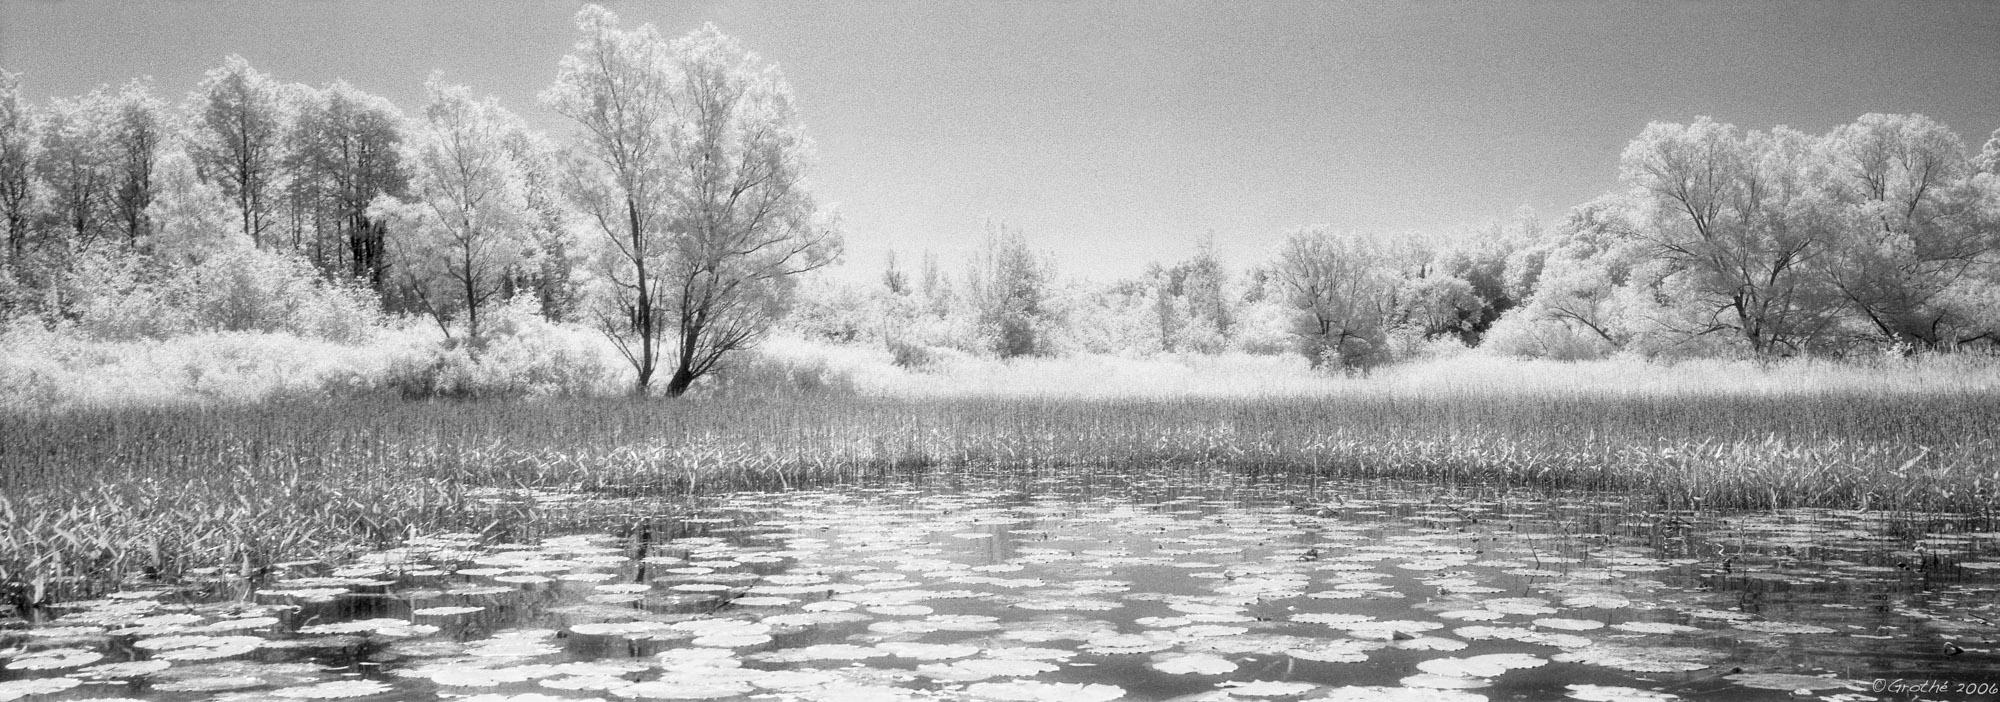 L'étang chimérique I (2002)